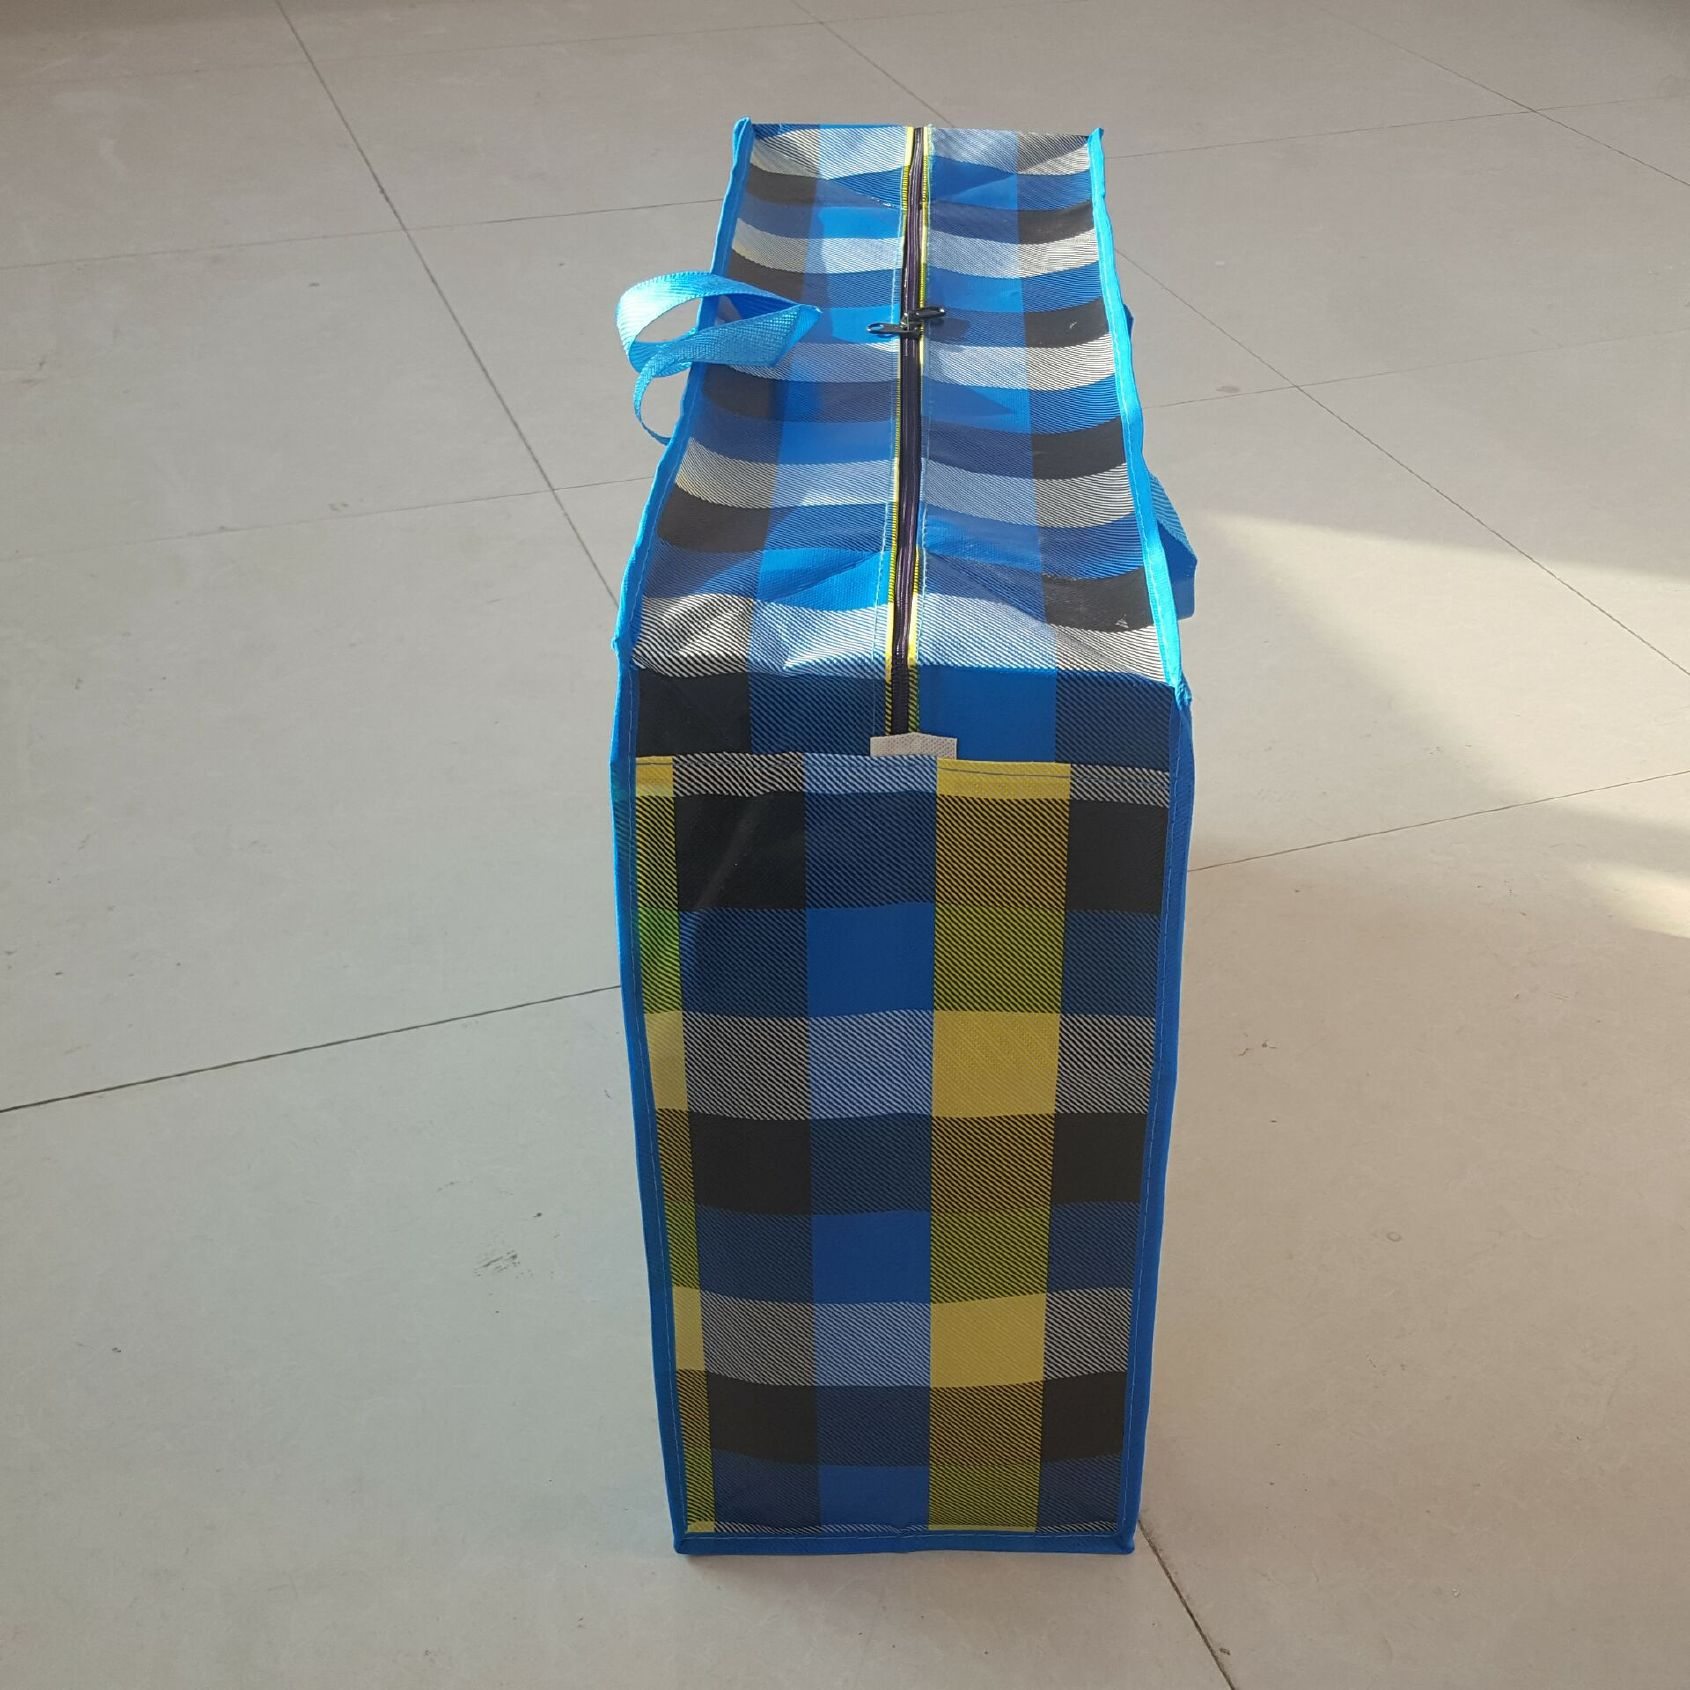 塑料薄膜彩印_【定做PP彩印覆膜防水塑料编织袋卡通搬家打包蛇皮袋子80大号